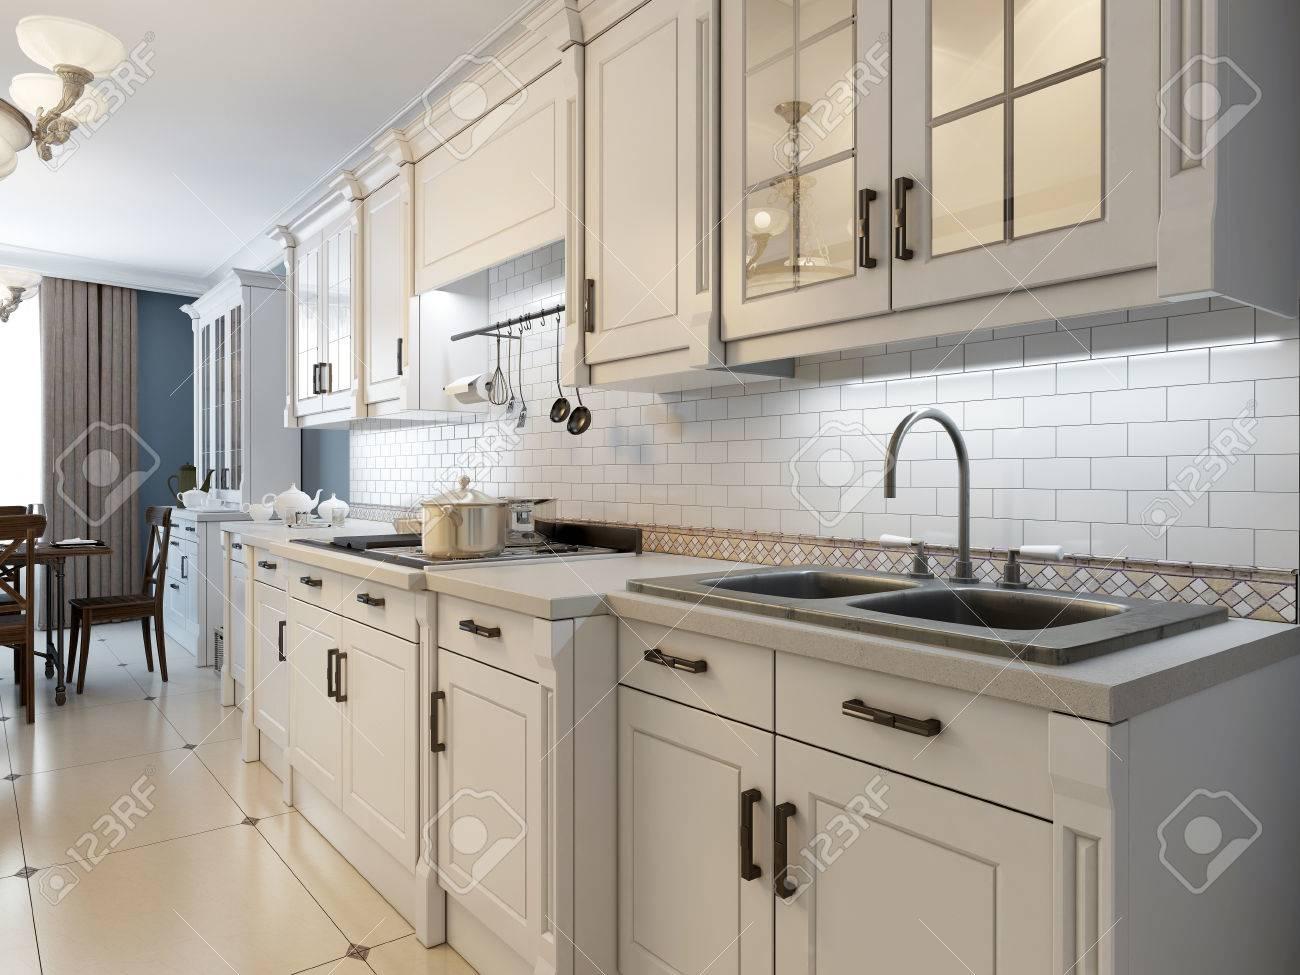 Muebles Blancos Free Cocina Con Muebles Blancos Y Office Central  ~ Limpiar Mueble Lacado Blanco Amarillento